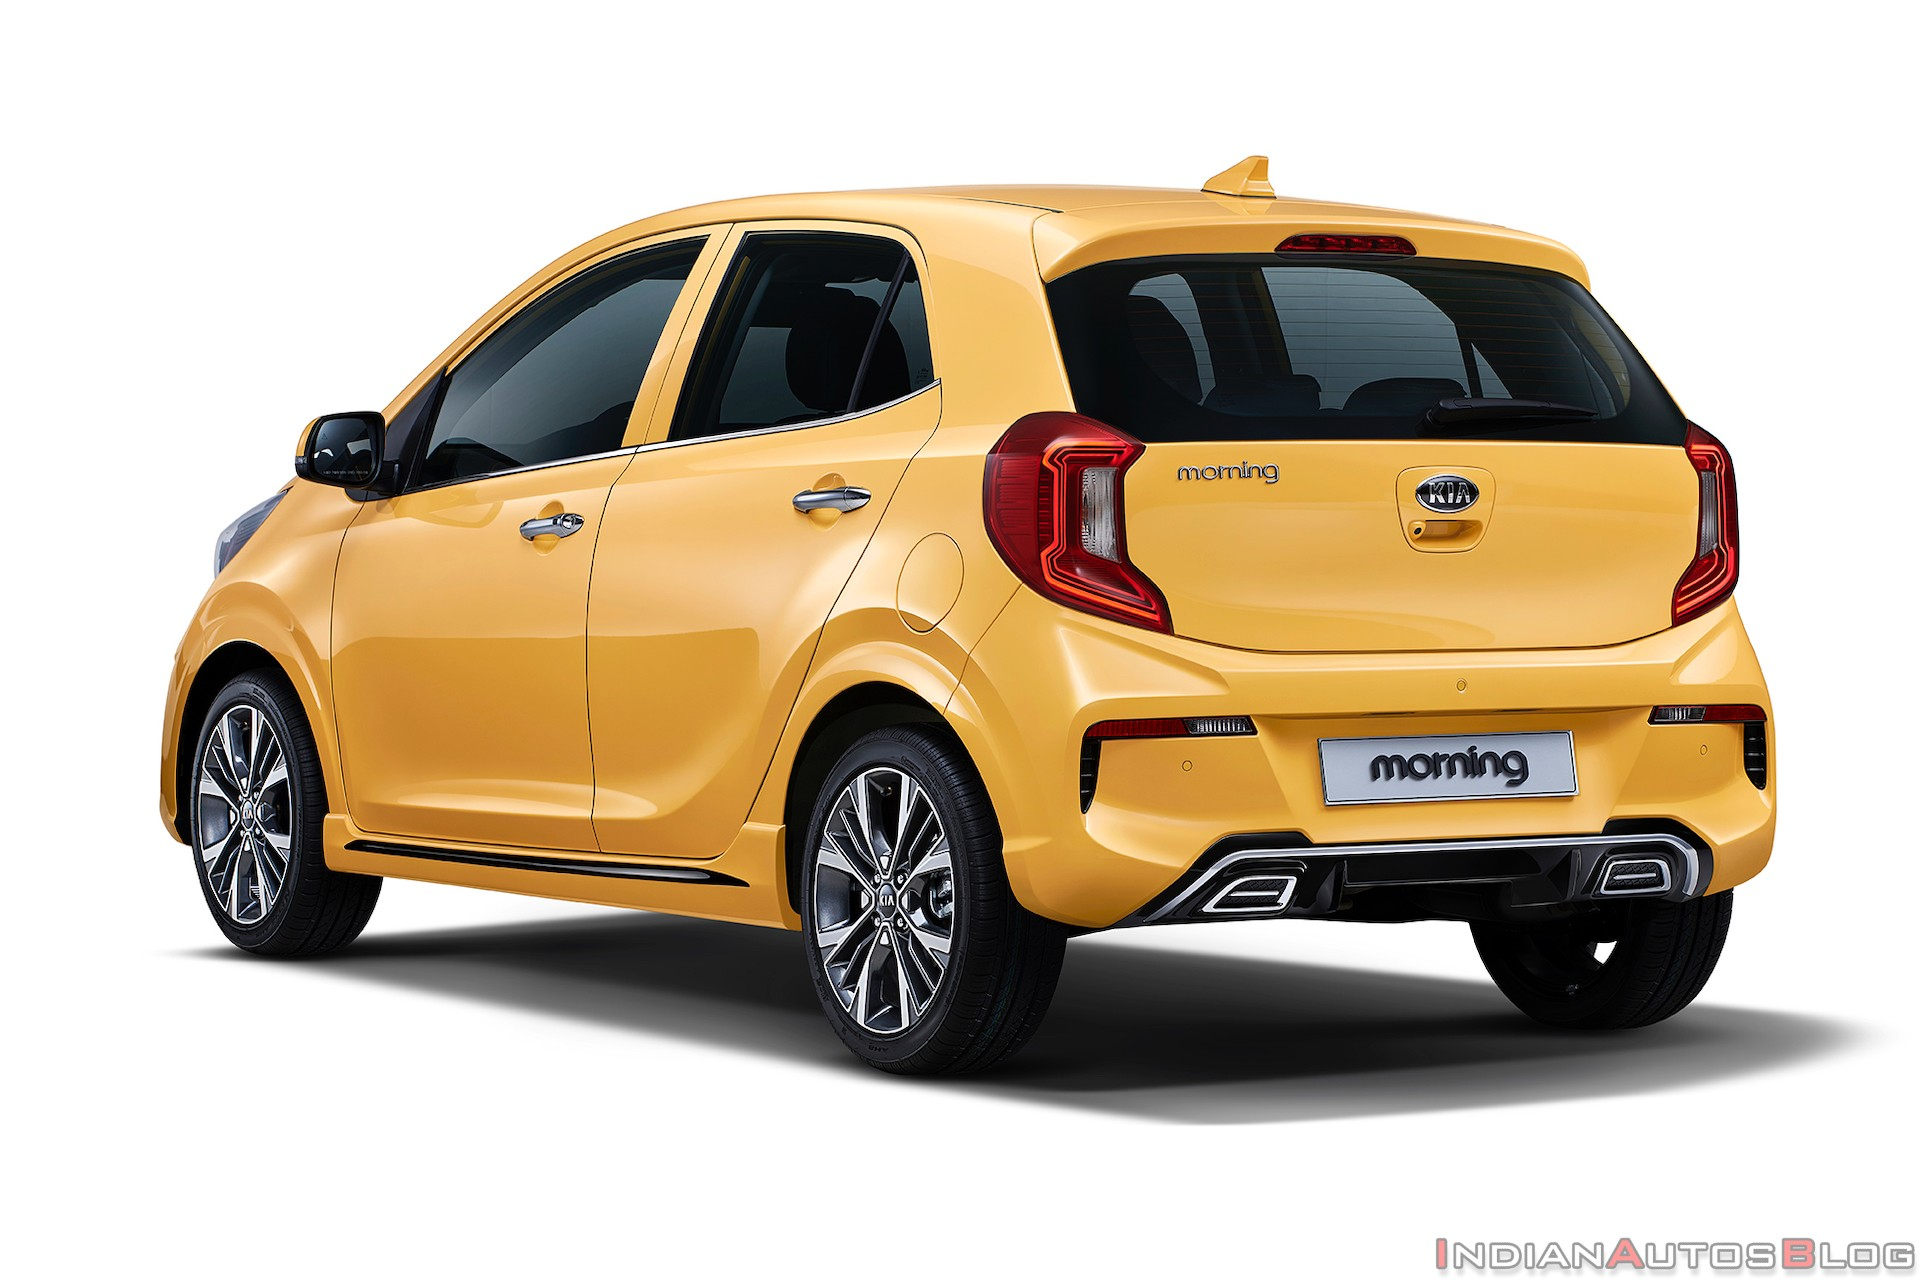 2020-kia-picanto-facelift-morning-rear-quarters-679e.jpg